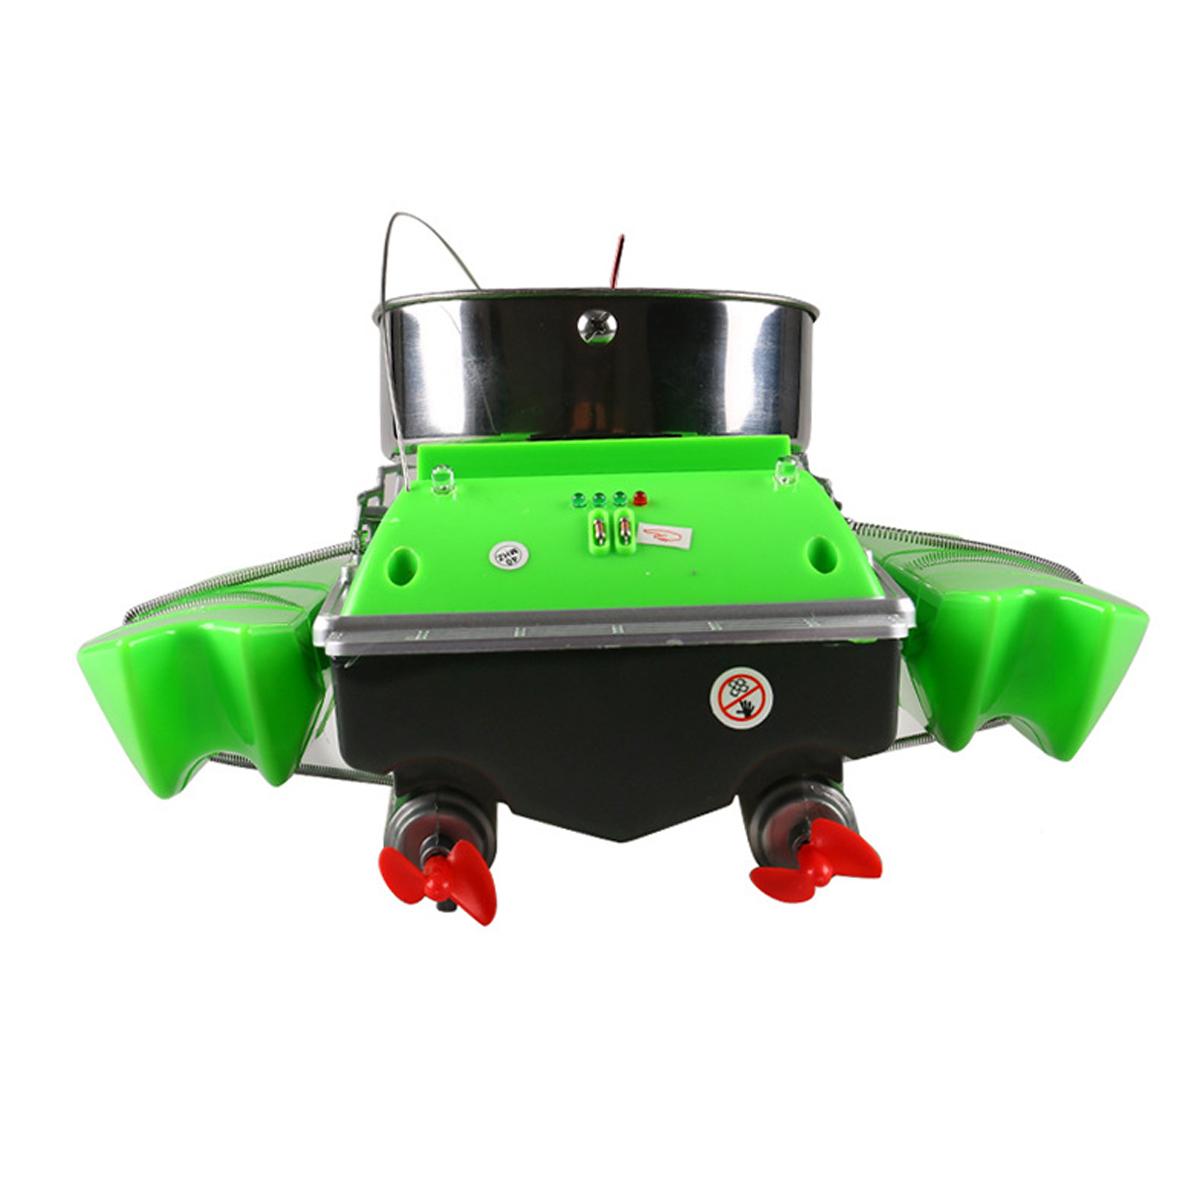 Model Speedboat Speed Control 7